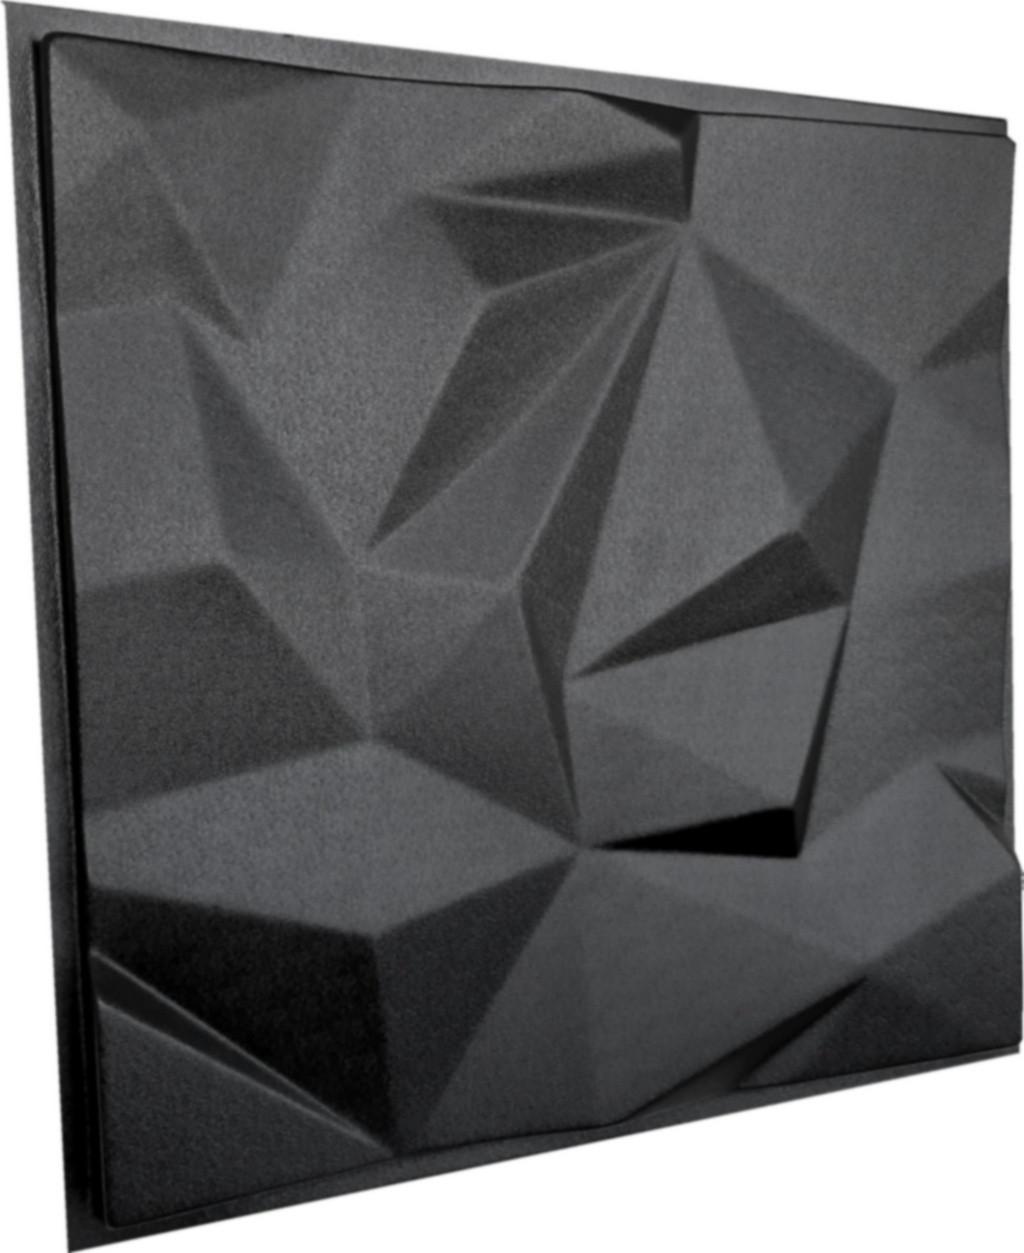 """Пластикова форма для виготовлення 3d панелей """"Гранада"""" 50*50 см"""